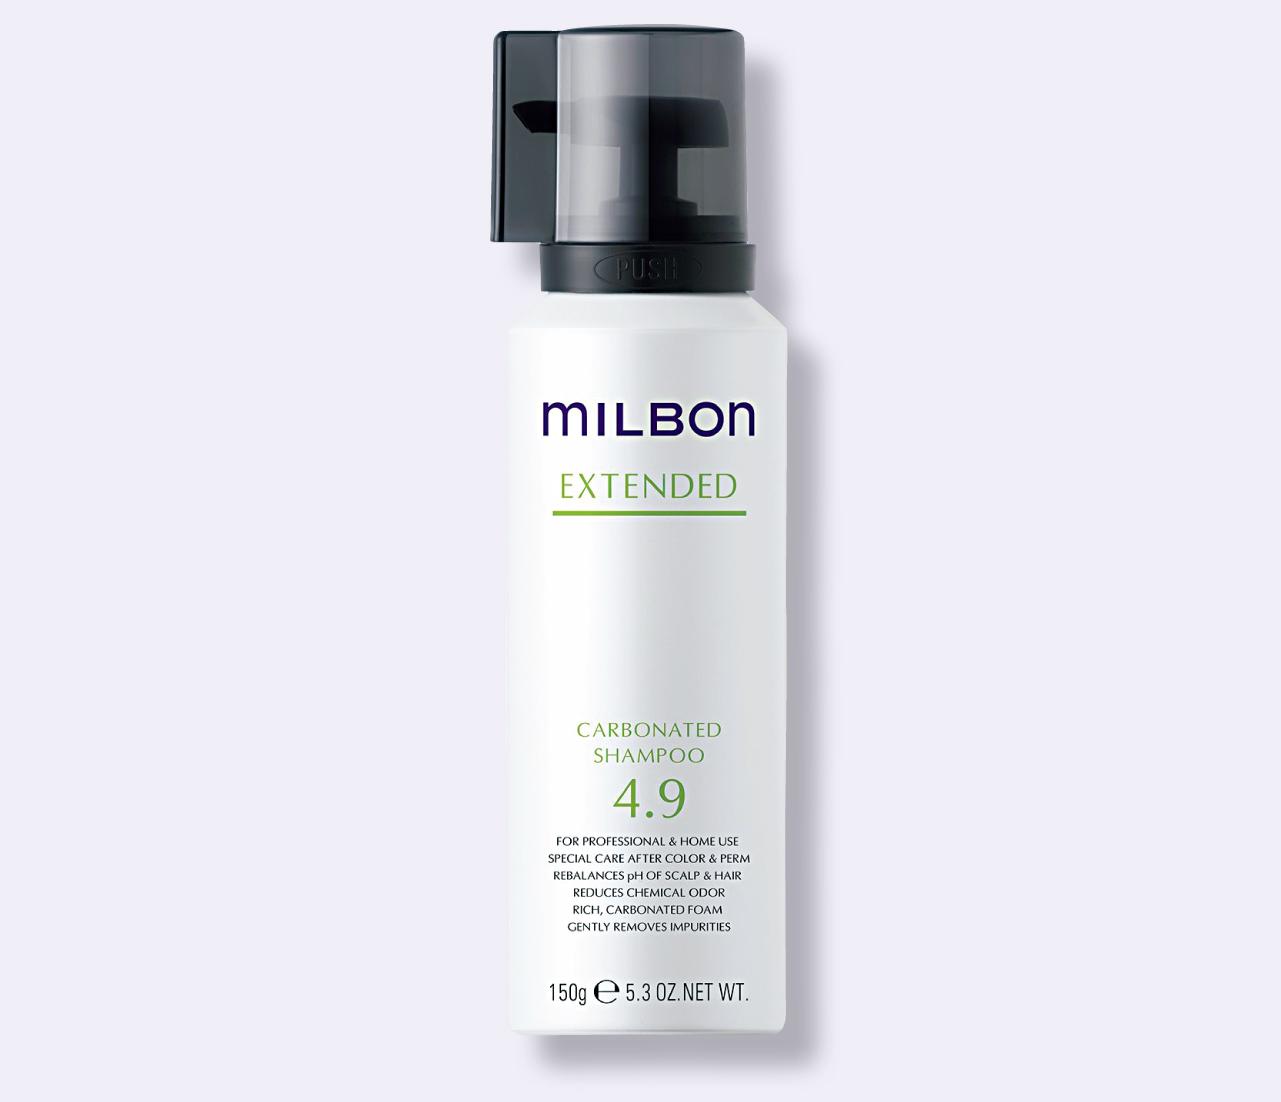 ミルボン カーボネイティッド シャンプー 150g ¥3,300/ミルボン(美容室専売品)